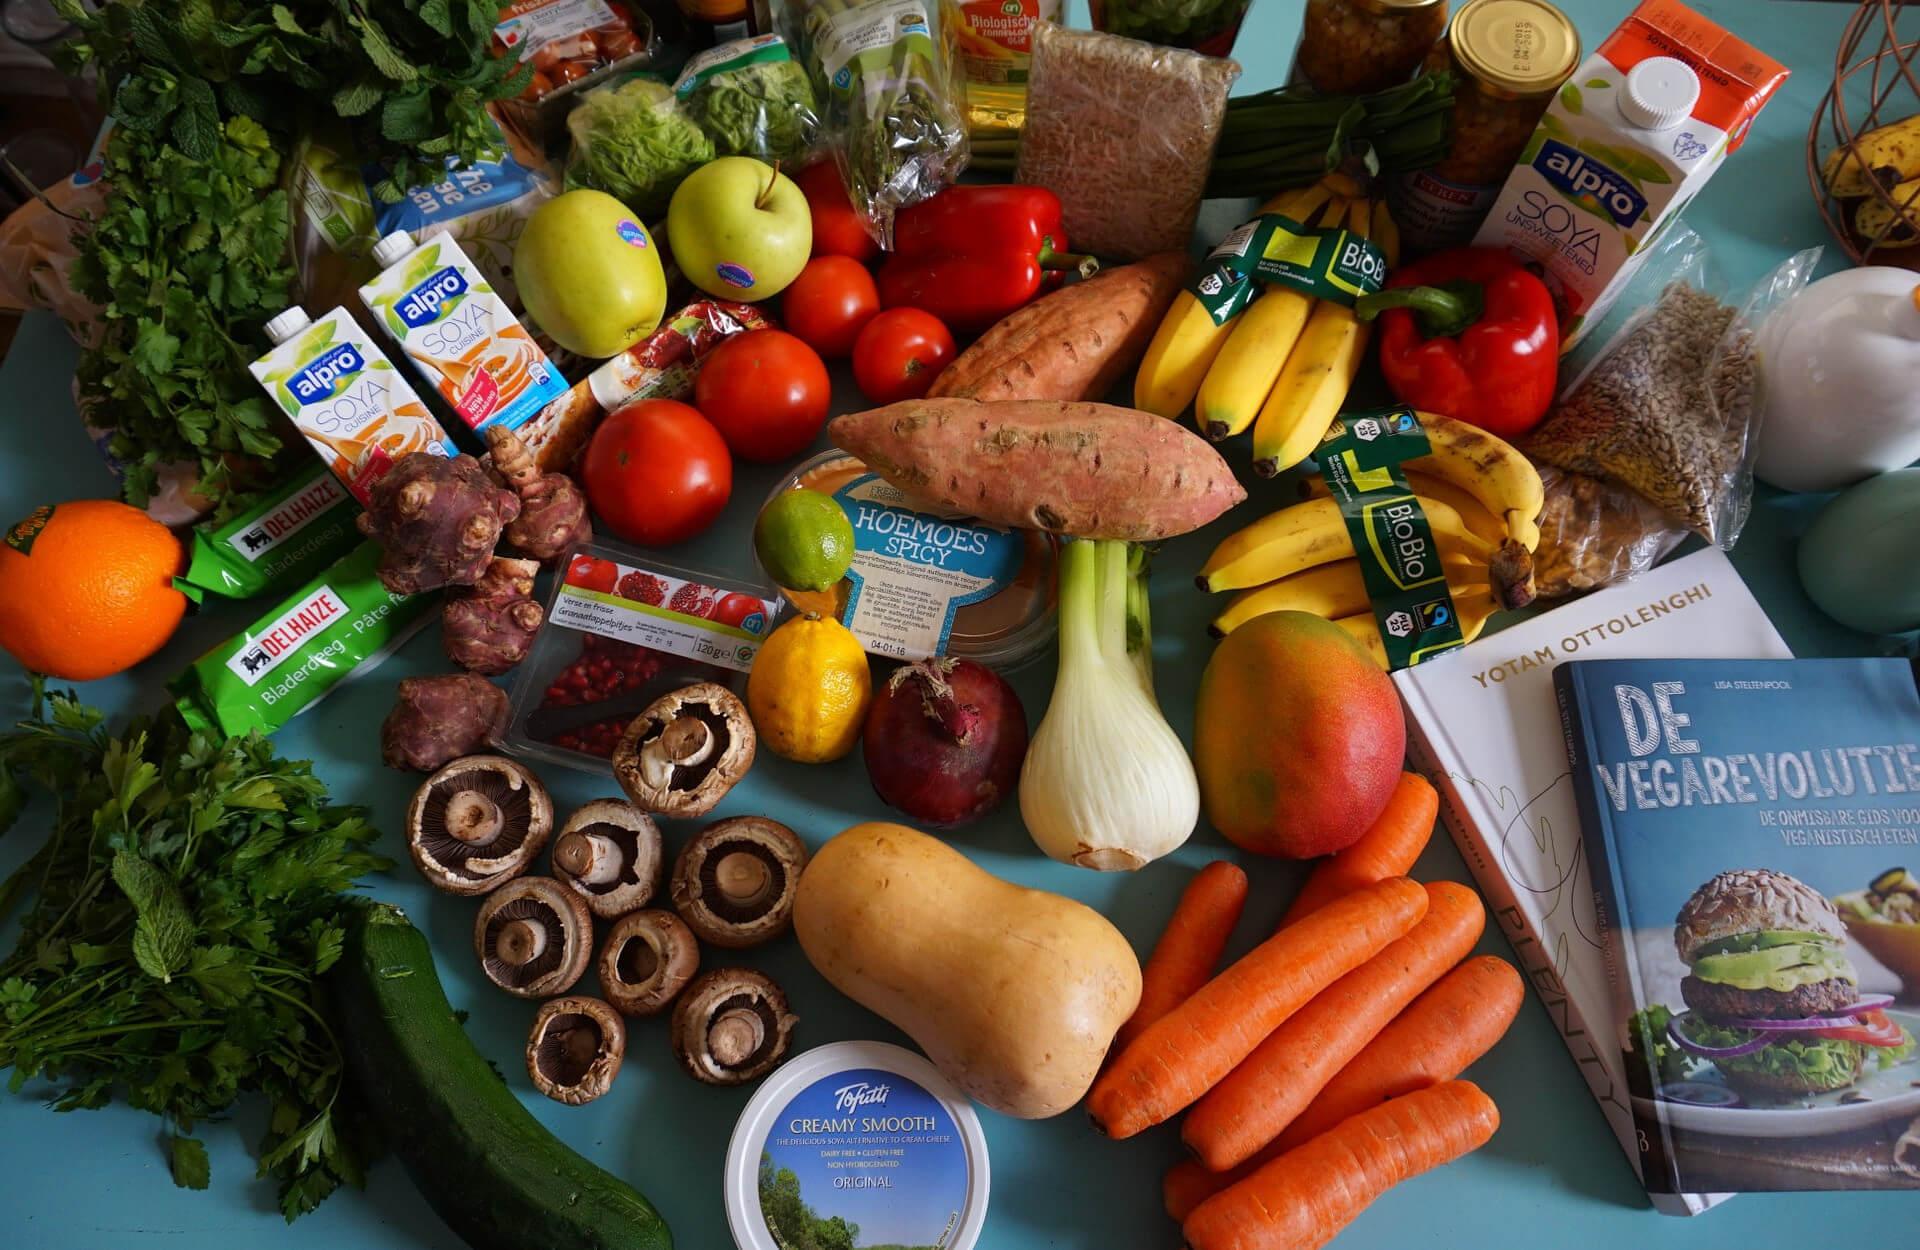 Vegan werden liegt voll im Trend und ist zudem auch noch sehr gesund. Wir verraten euch, welche Stolpersteine es bei der Umstellung auf eine vegane Ernährung gibt und wie ihr diese umgehen könnt.